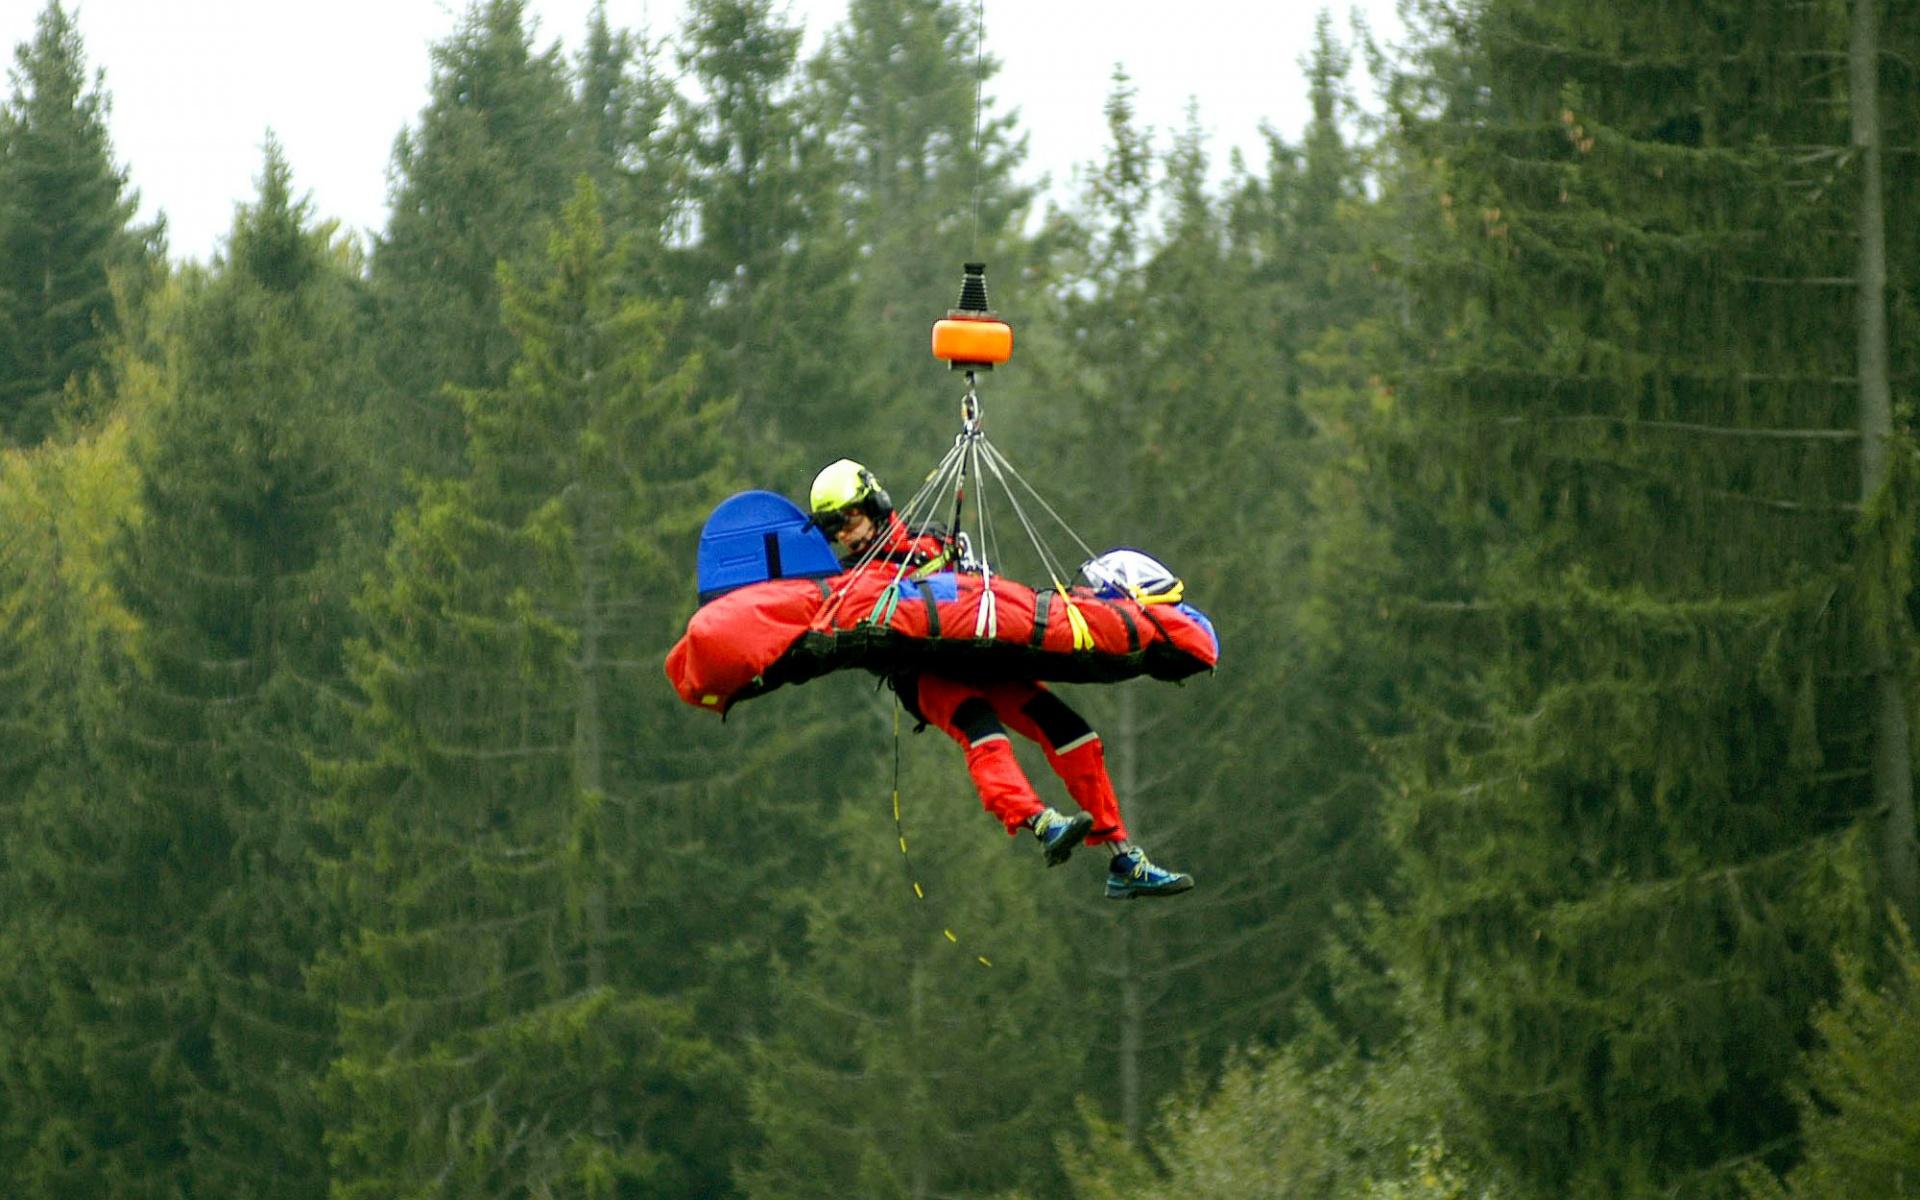 Erstmals kam dabei der neue Bergesack zum Einsatz, der den Einsatz einfacher und noch sicherer macht.